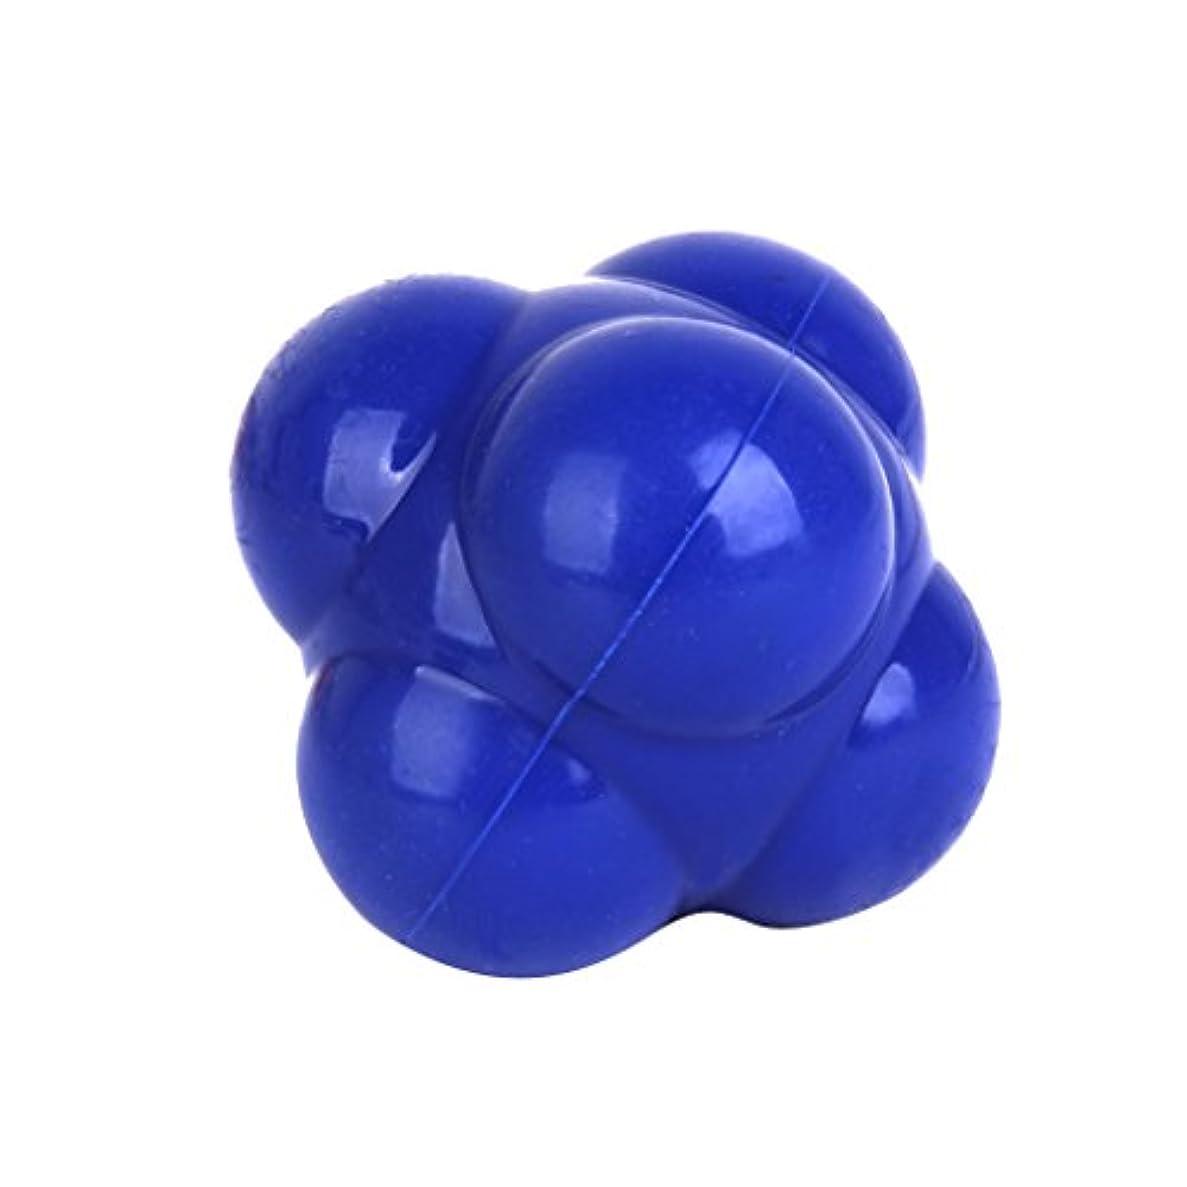 正確な記念日配送【ノーブランド品】六角反応ボール 六角マッサージボール 反射運動トレーニング 青